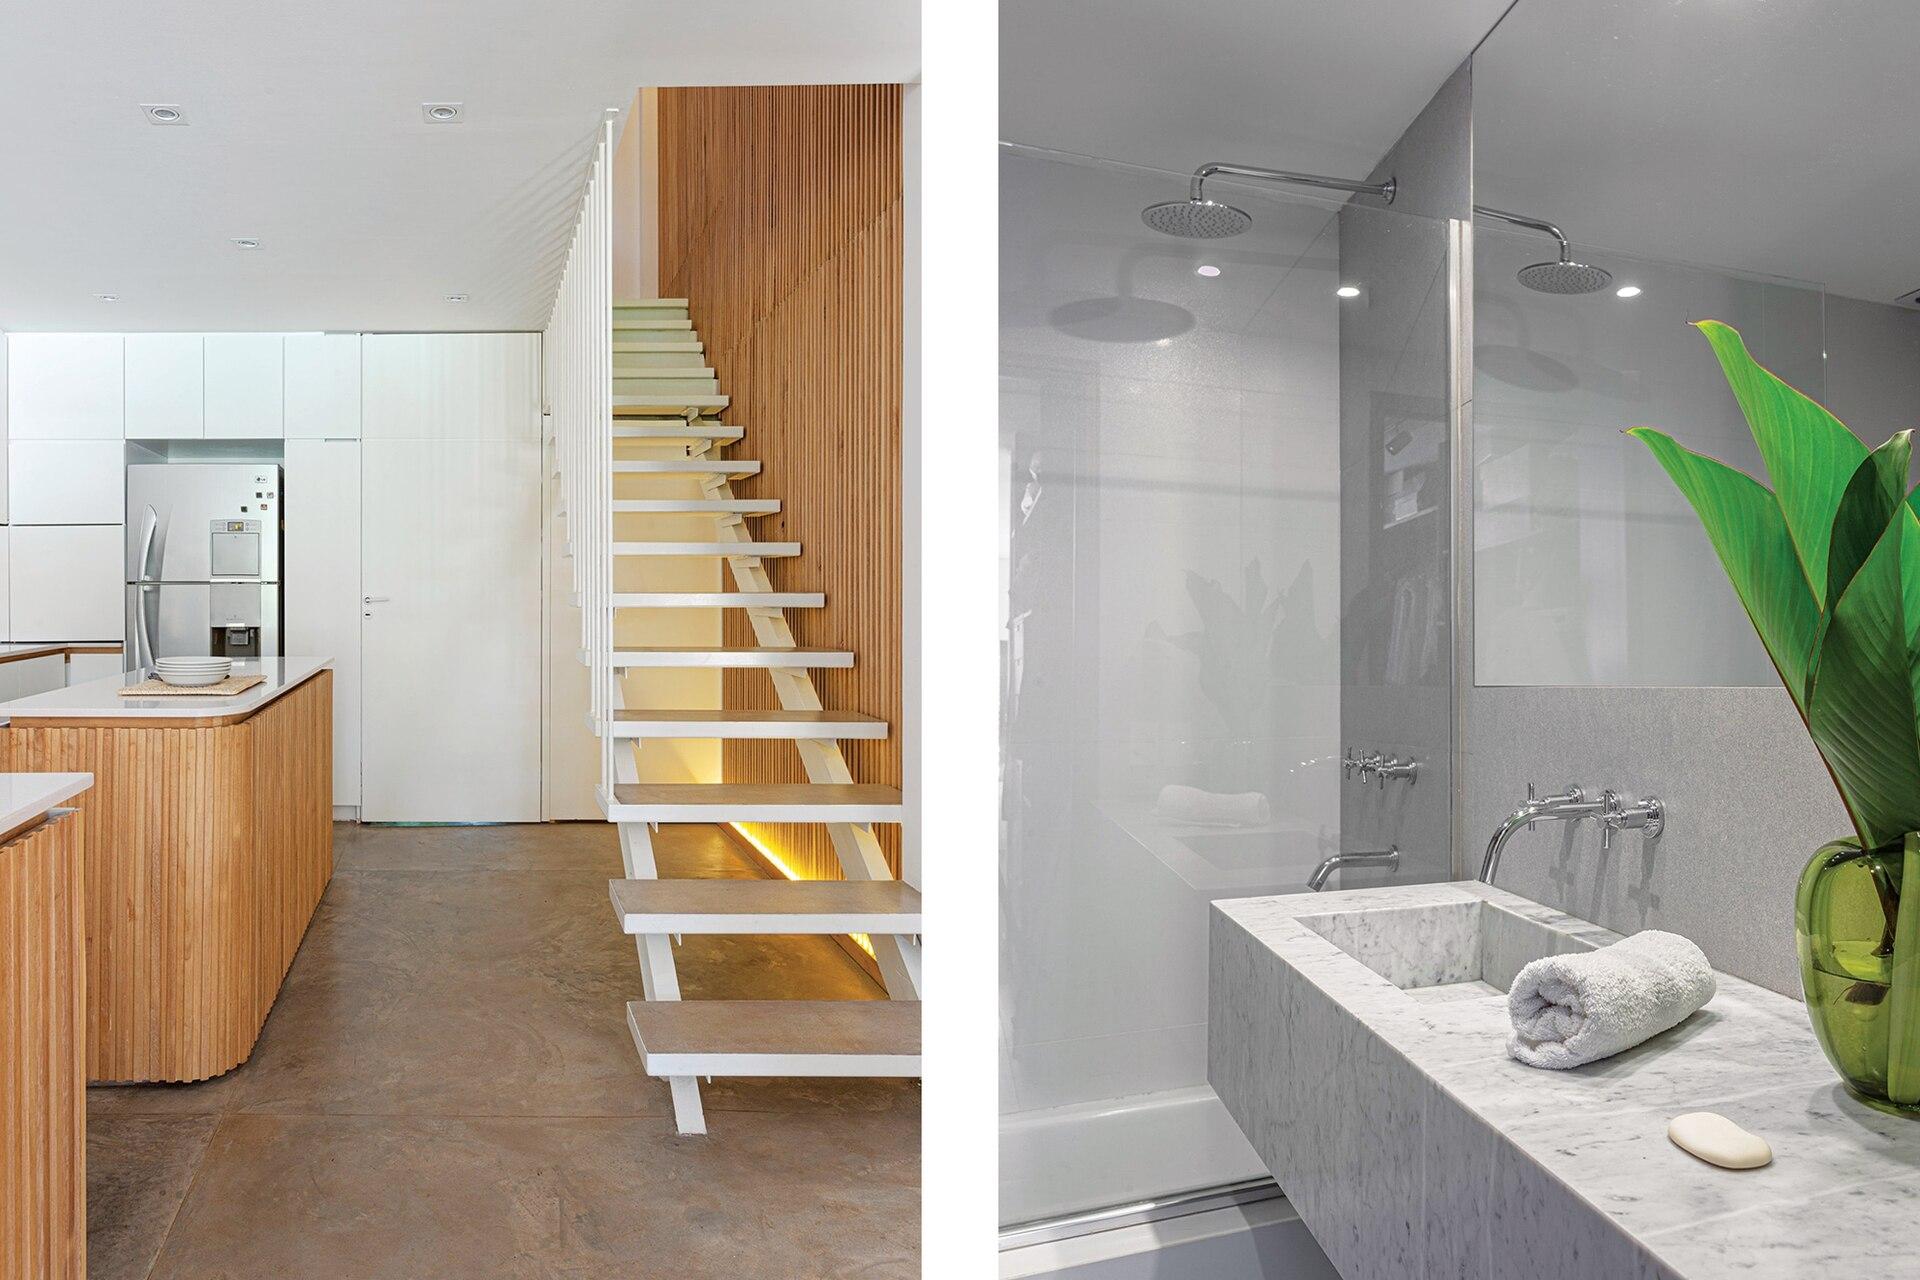 La escalera se armó con peldaños de chapa rellenos con el mismo cemento alisado del piso, para dar continuidad; la baranda, con varillas de hierro pintadas en blanco.